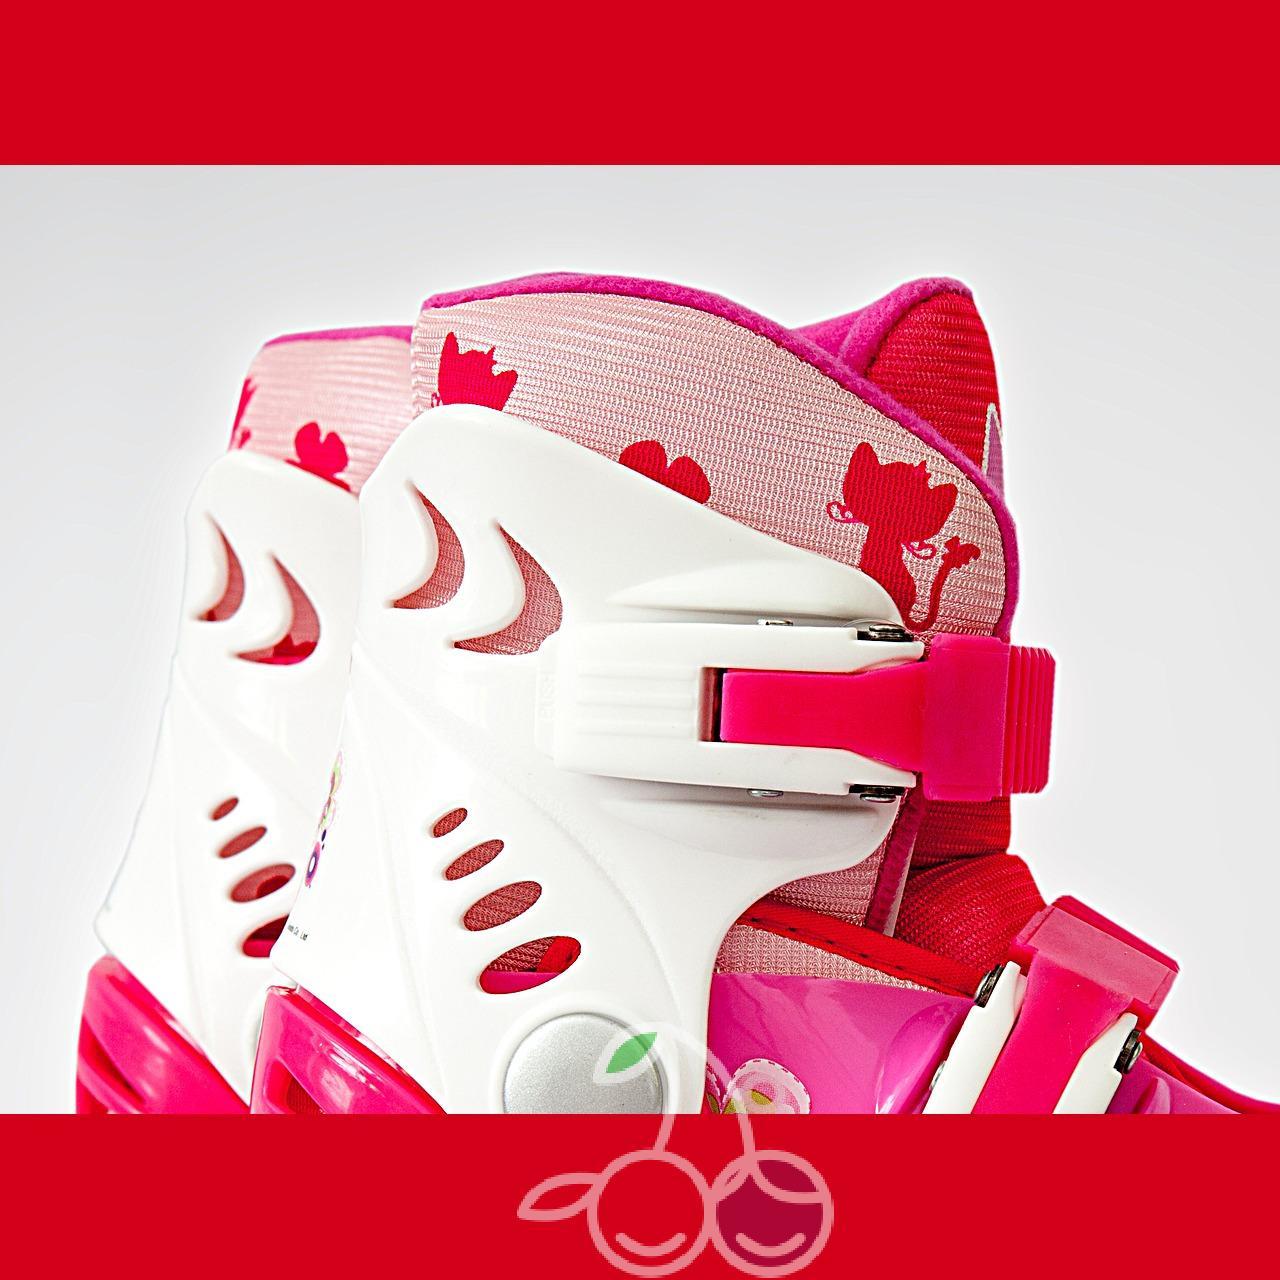 Роликовые коньки детские 26 размер, для обучения (трансформеры, раздвижной ботинок) MagicWheels розовые, - фото 5